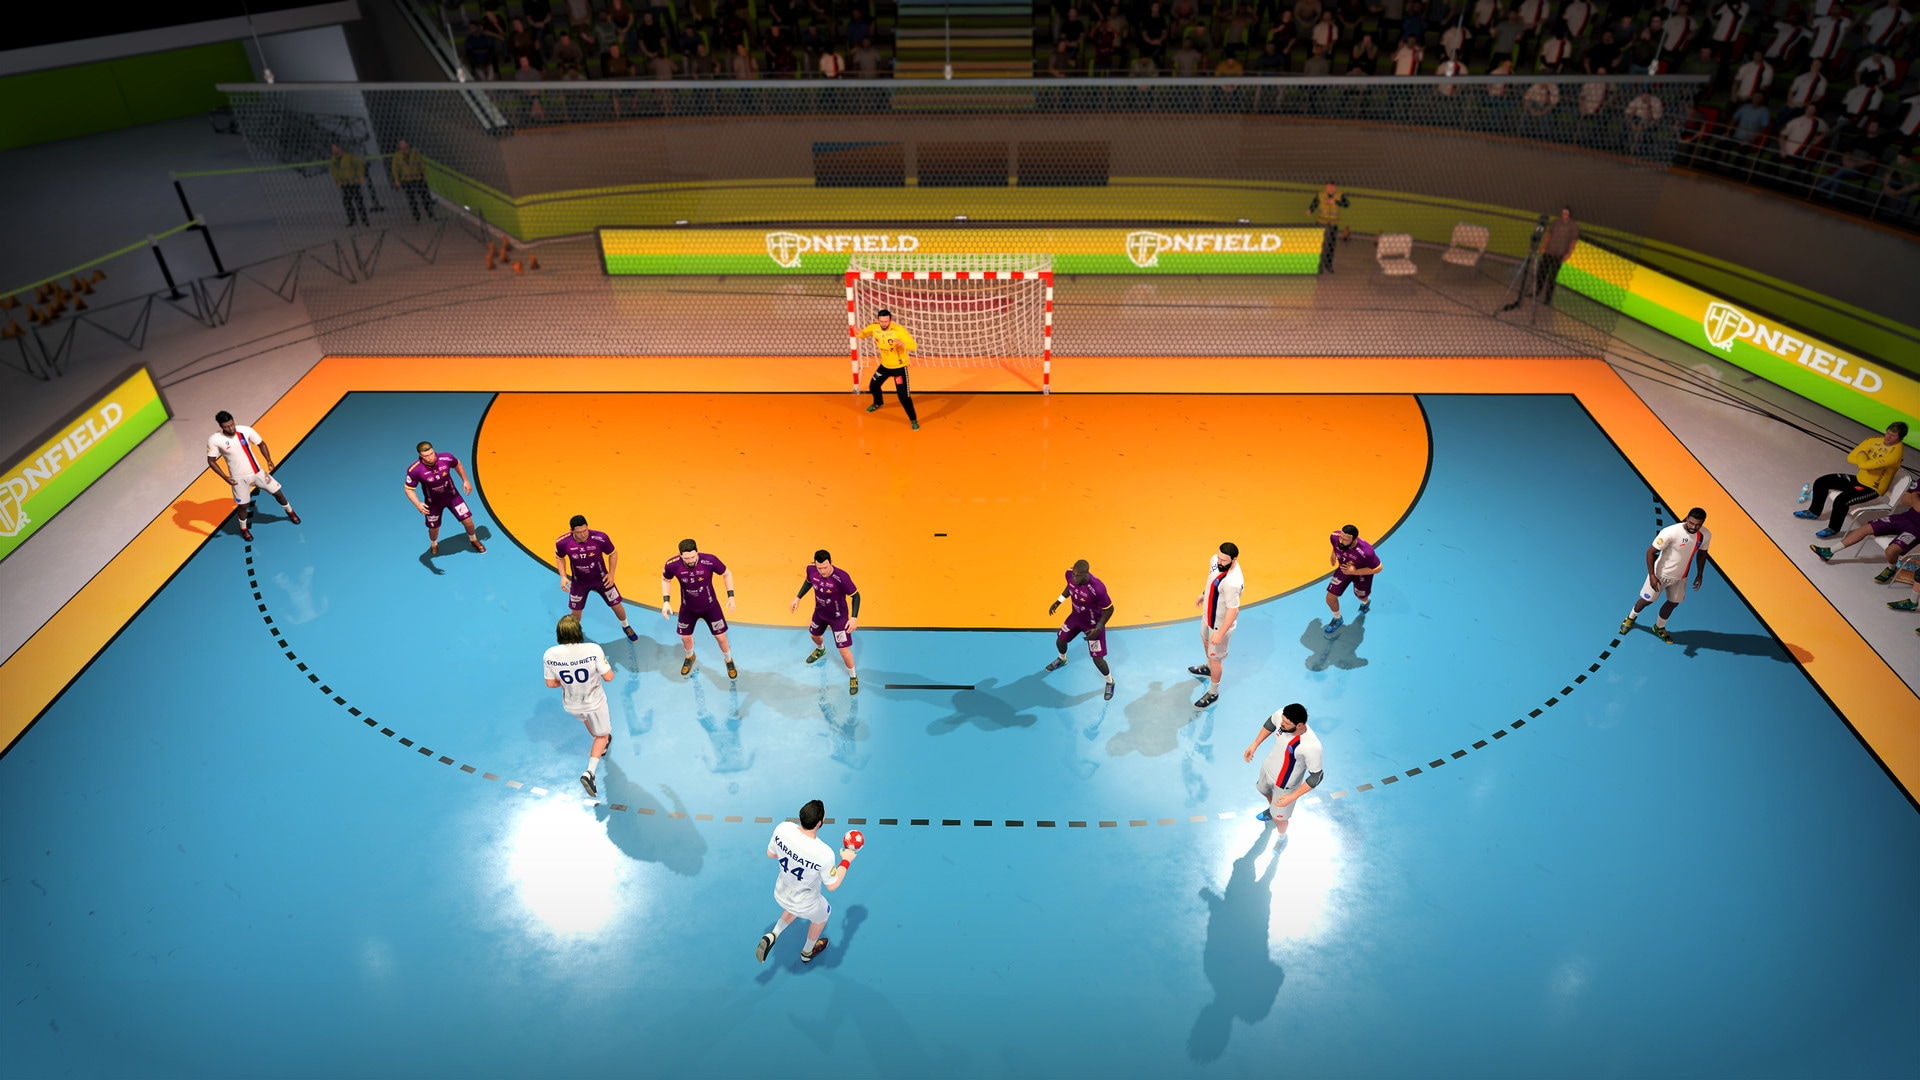 Handball 21 (PC) - Steam Gift - EUROPE - 3